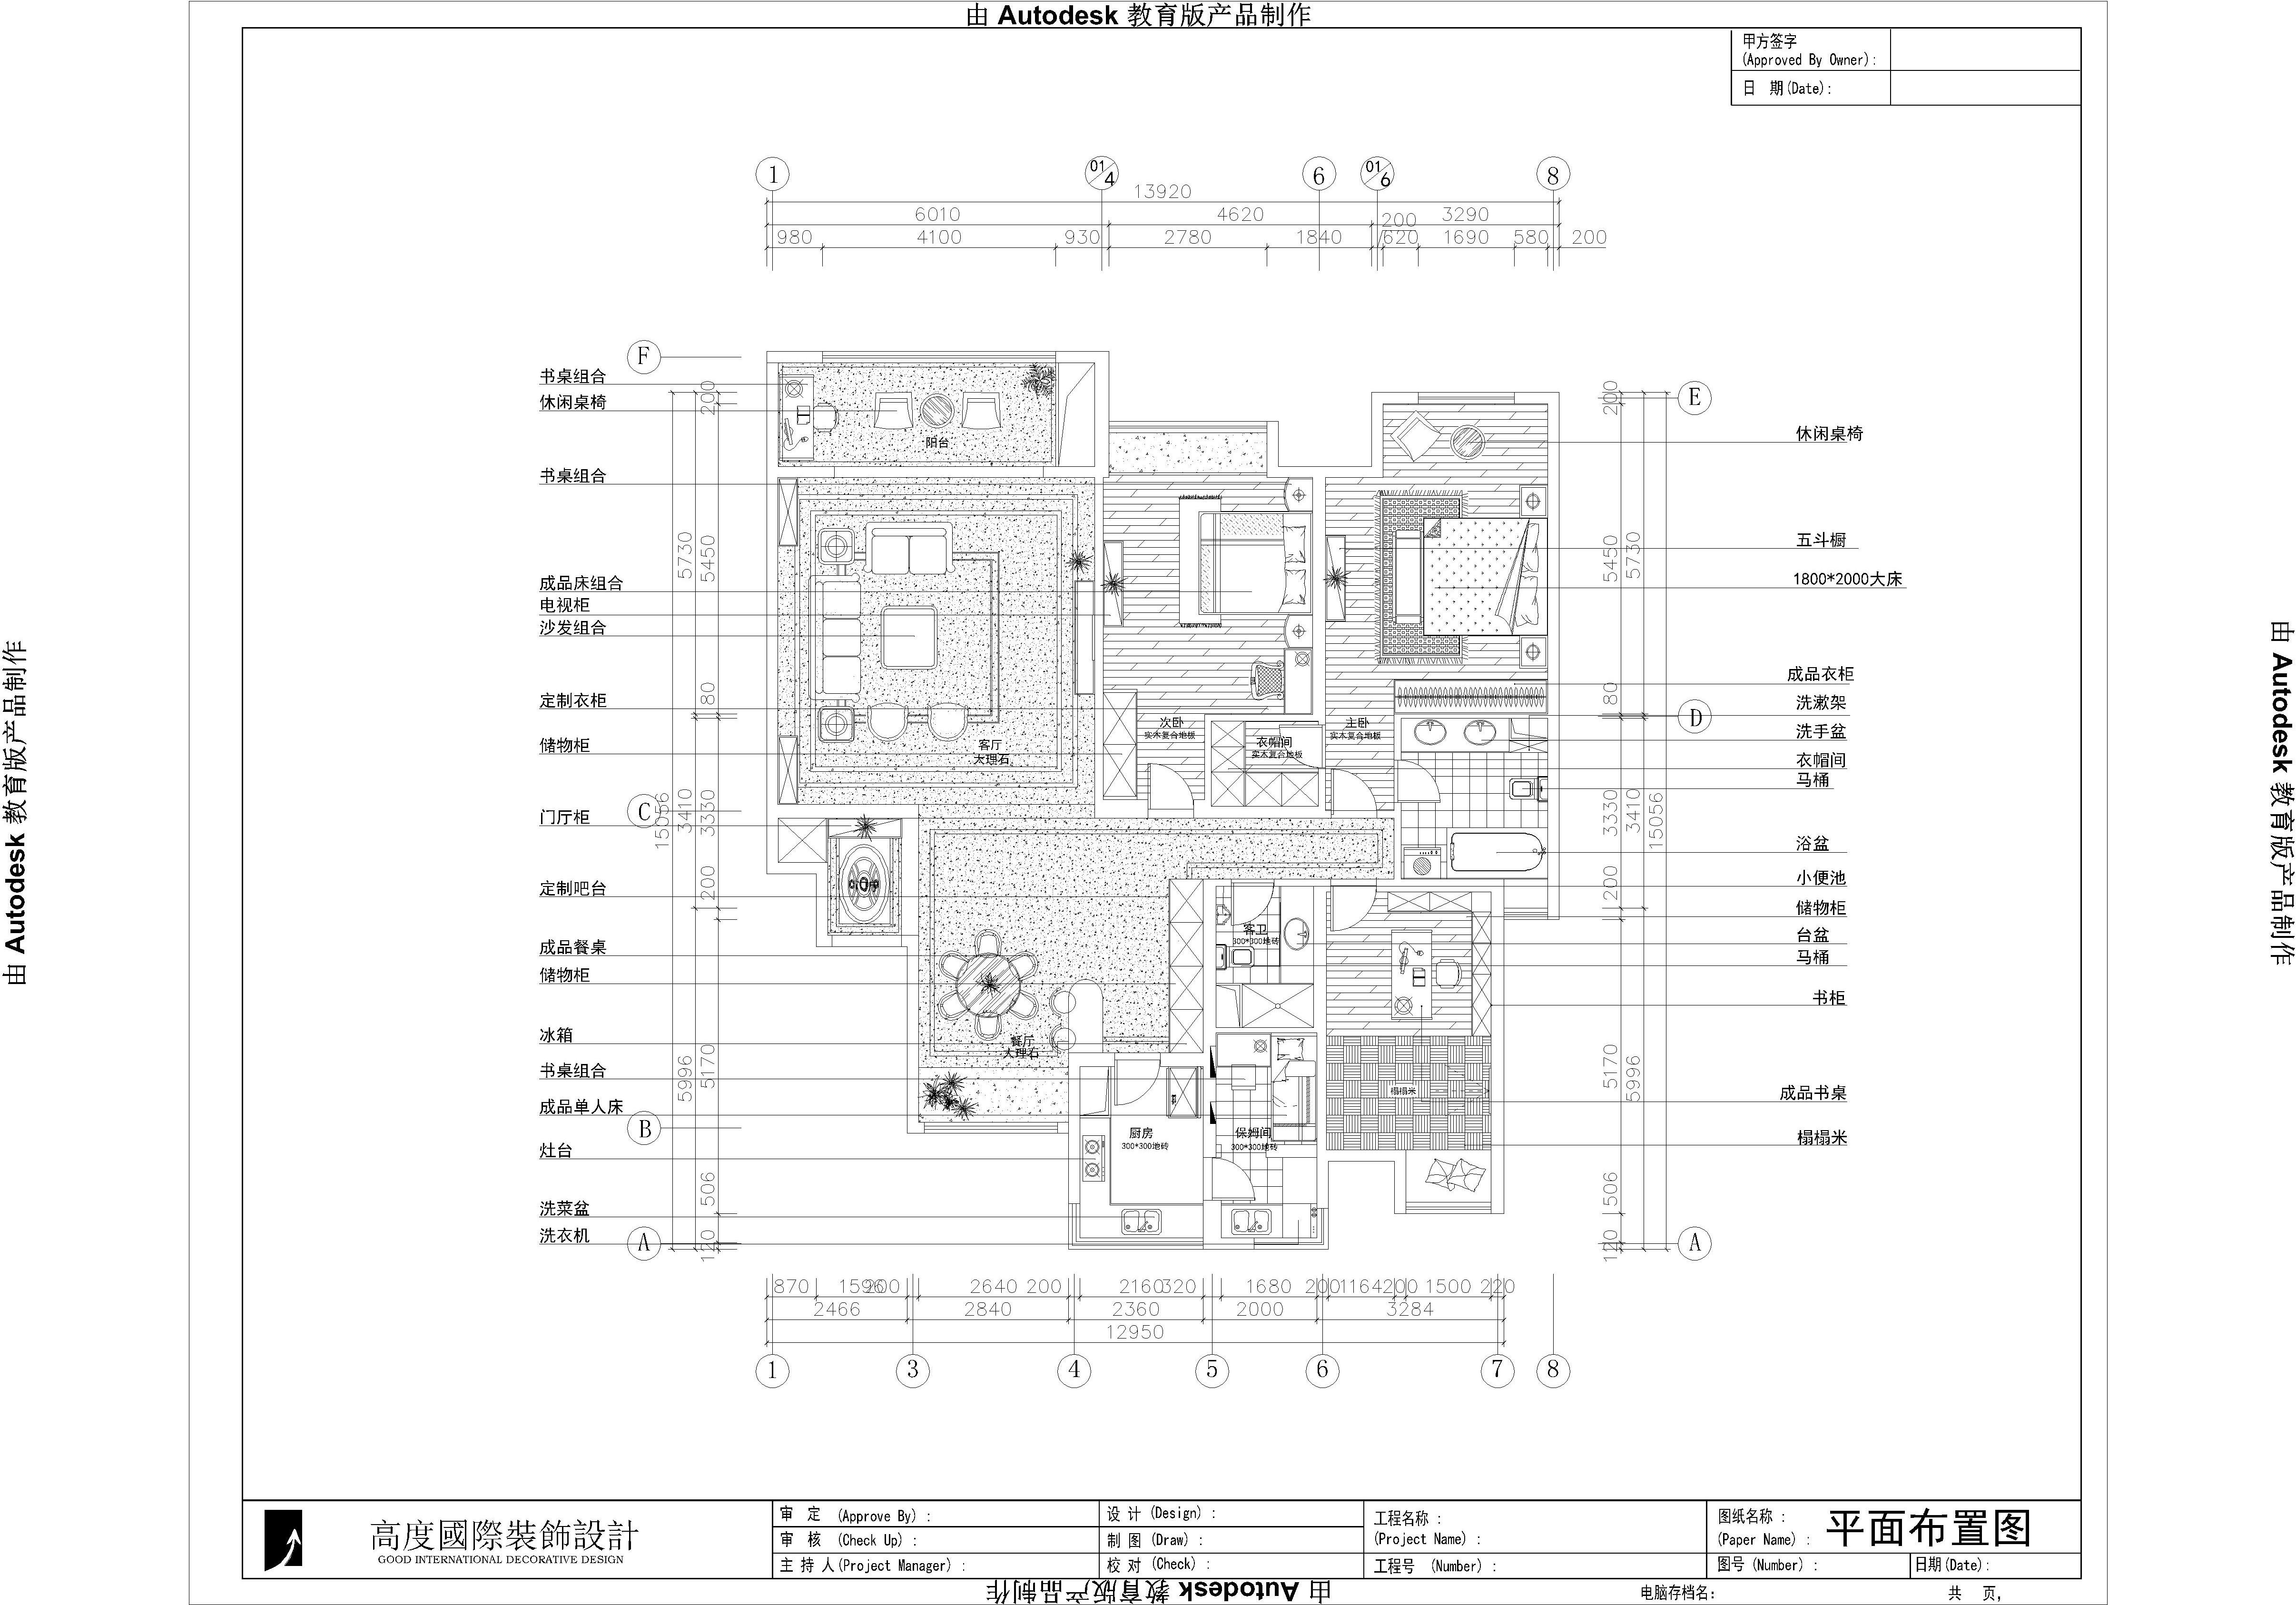 高度国际 御翠尚府 欧式 公寓 户型图图片来自高度国际在高度国际-为中年夫妇量身设计的分享